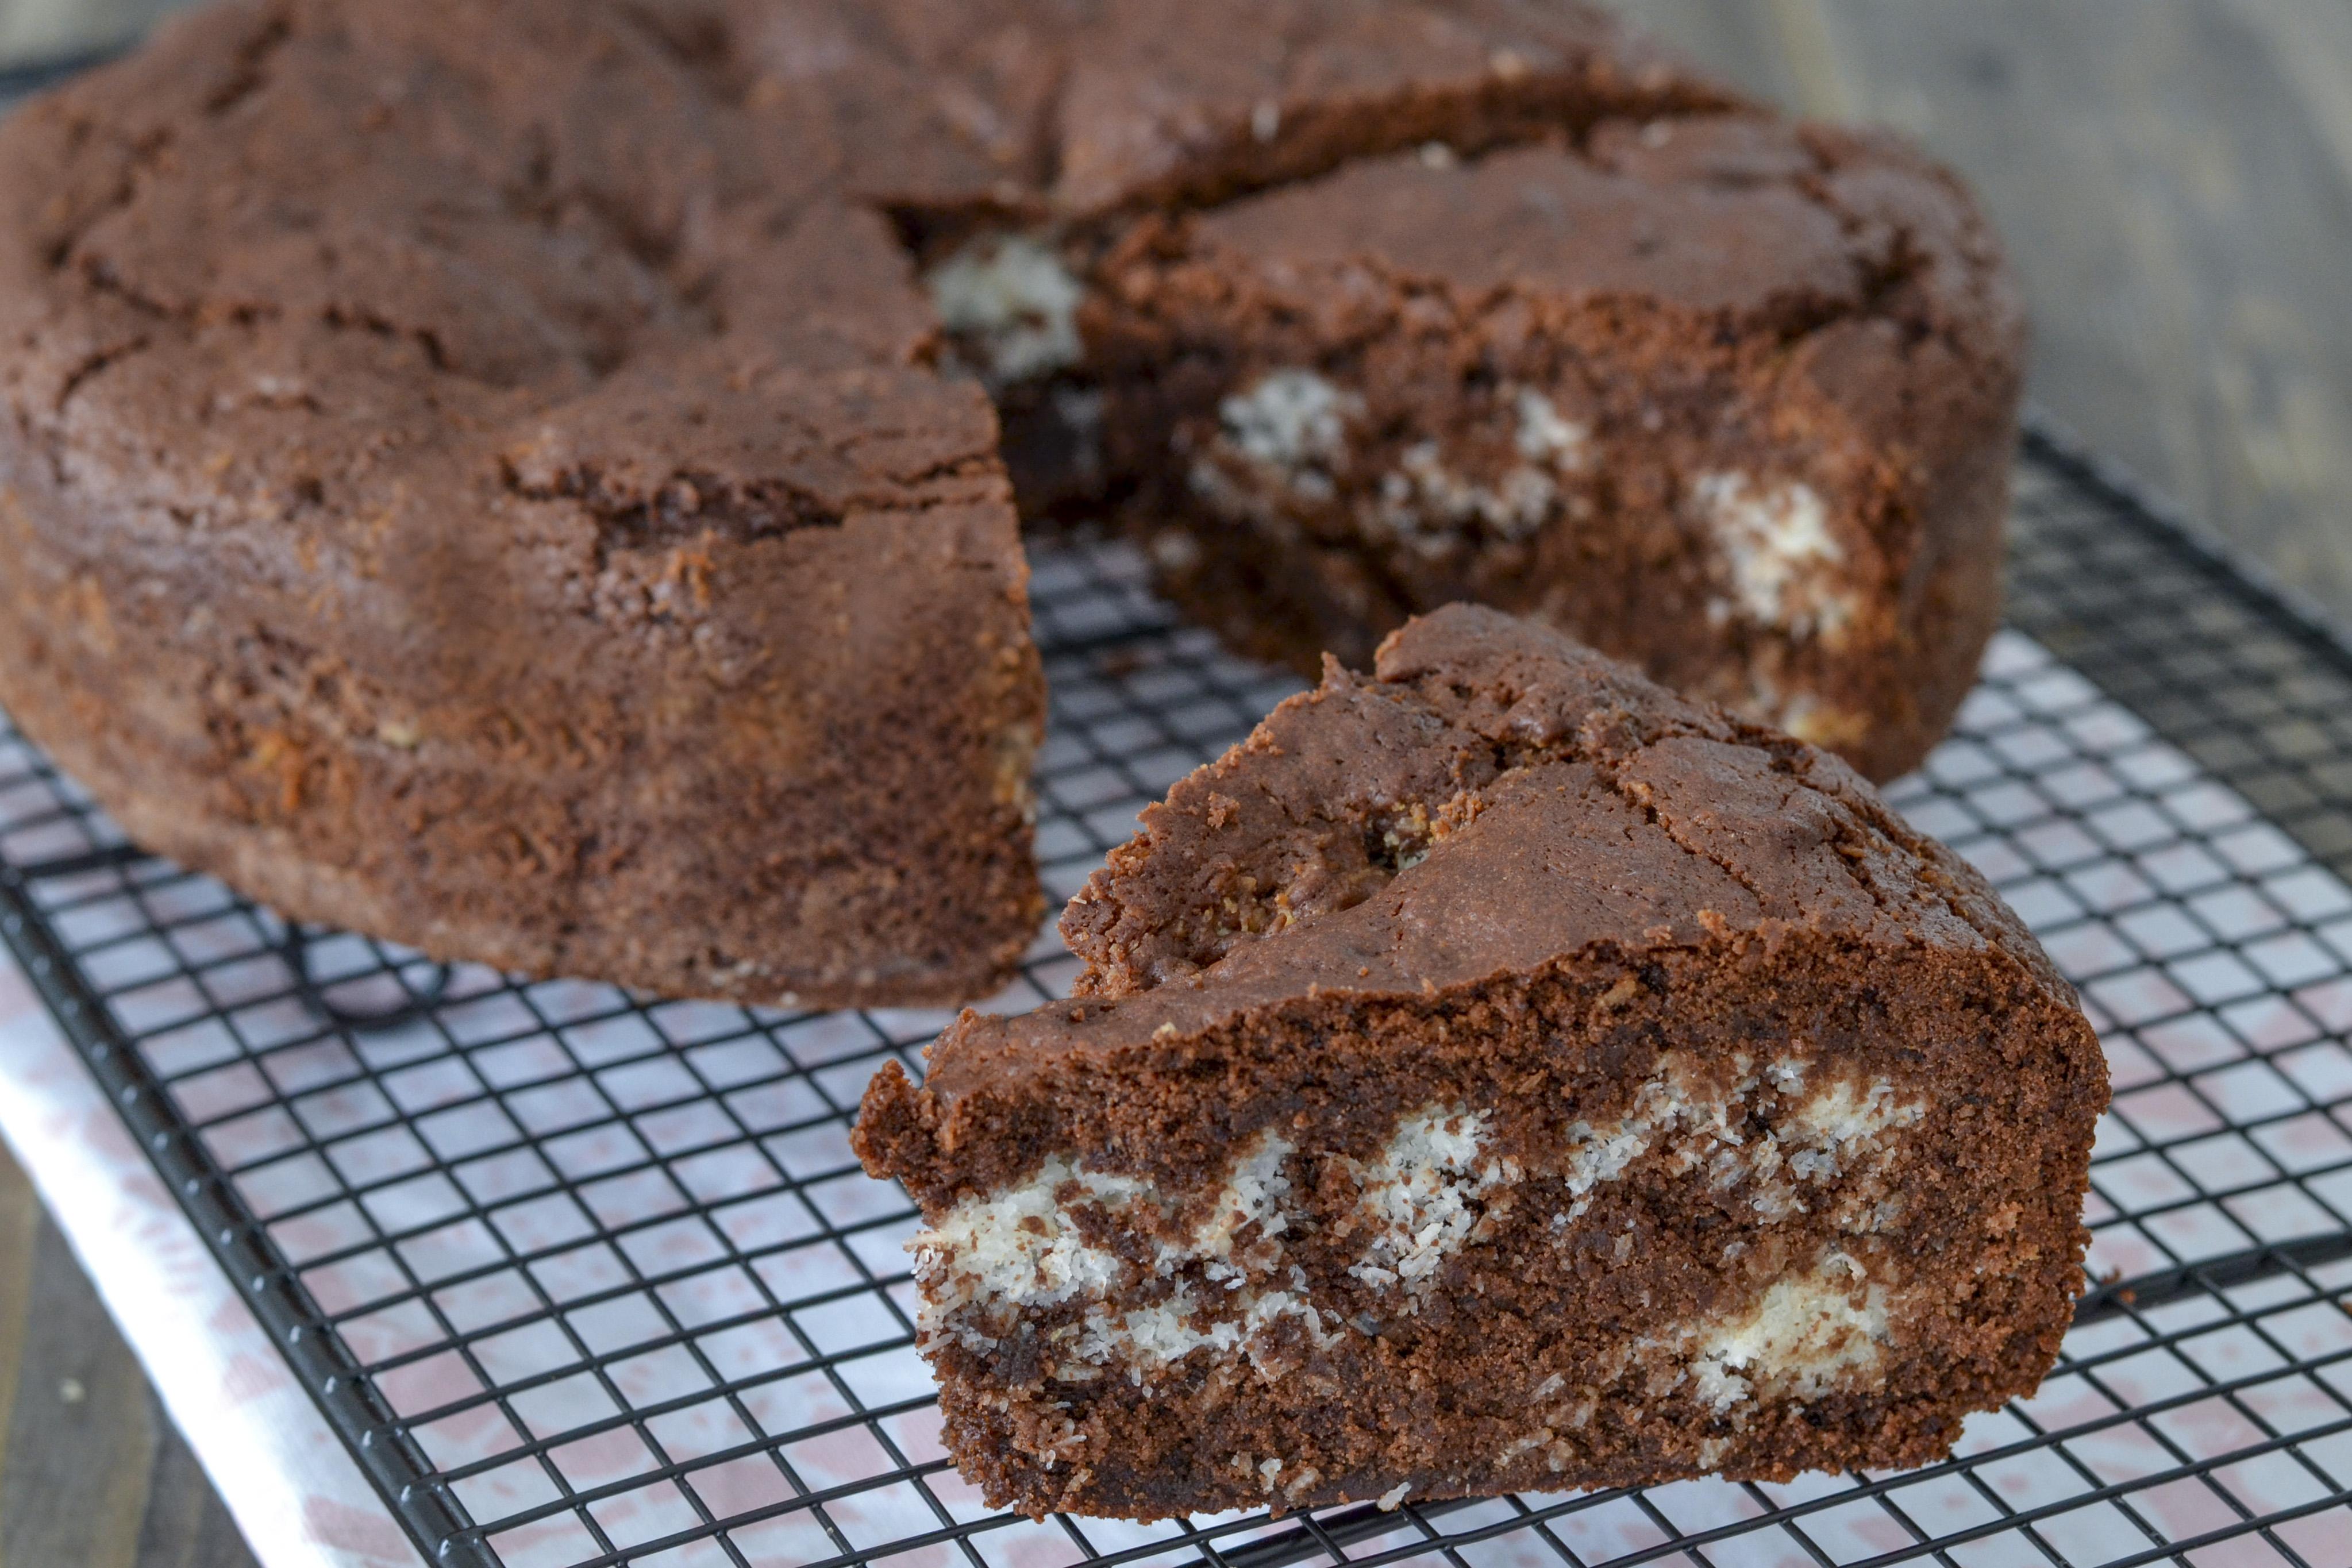 Ricetta Torta Al Cioccolato E Cocco.Torta Cioccolato E Cocco Morbida E Golosa Ricetta